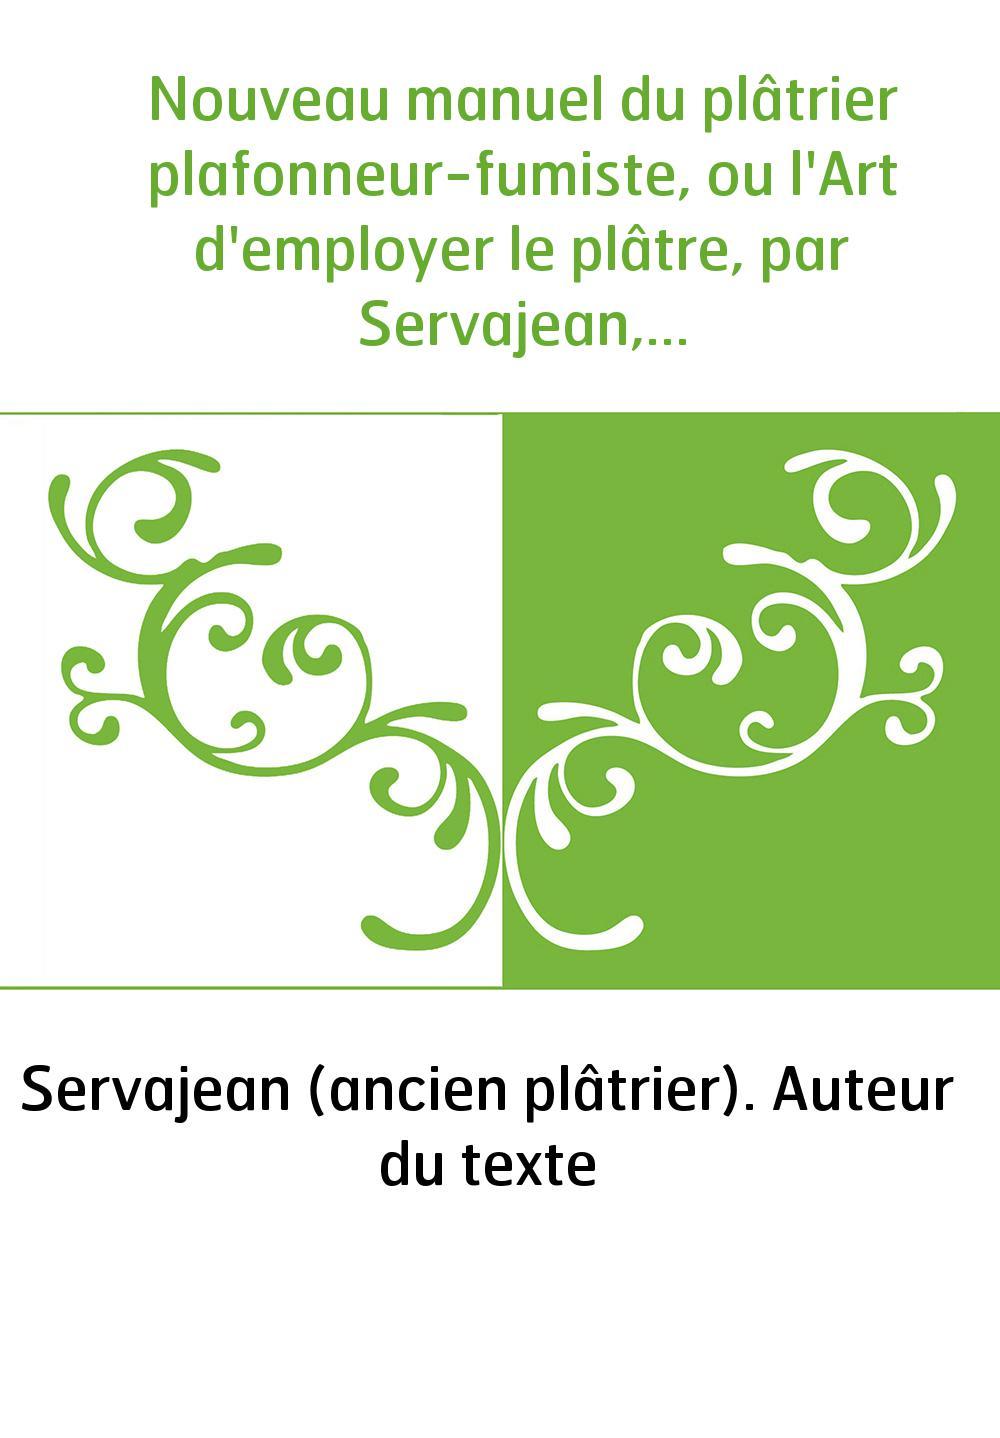 Nouveau manuel du plâtrier plafonneur-fumiste, ou l'Art d'employer le plâtre, par Servajean,...